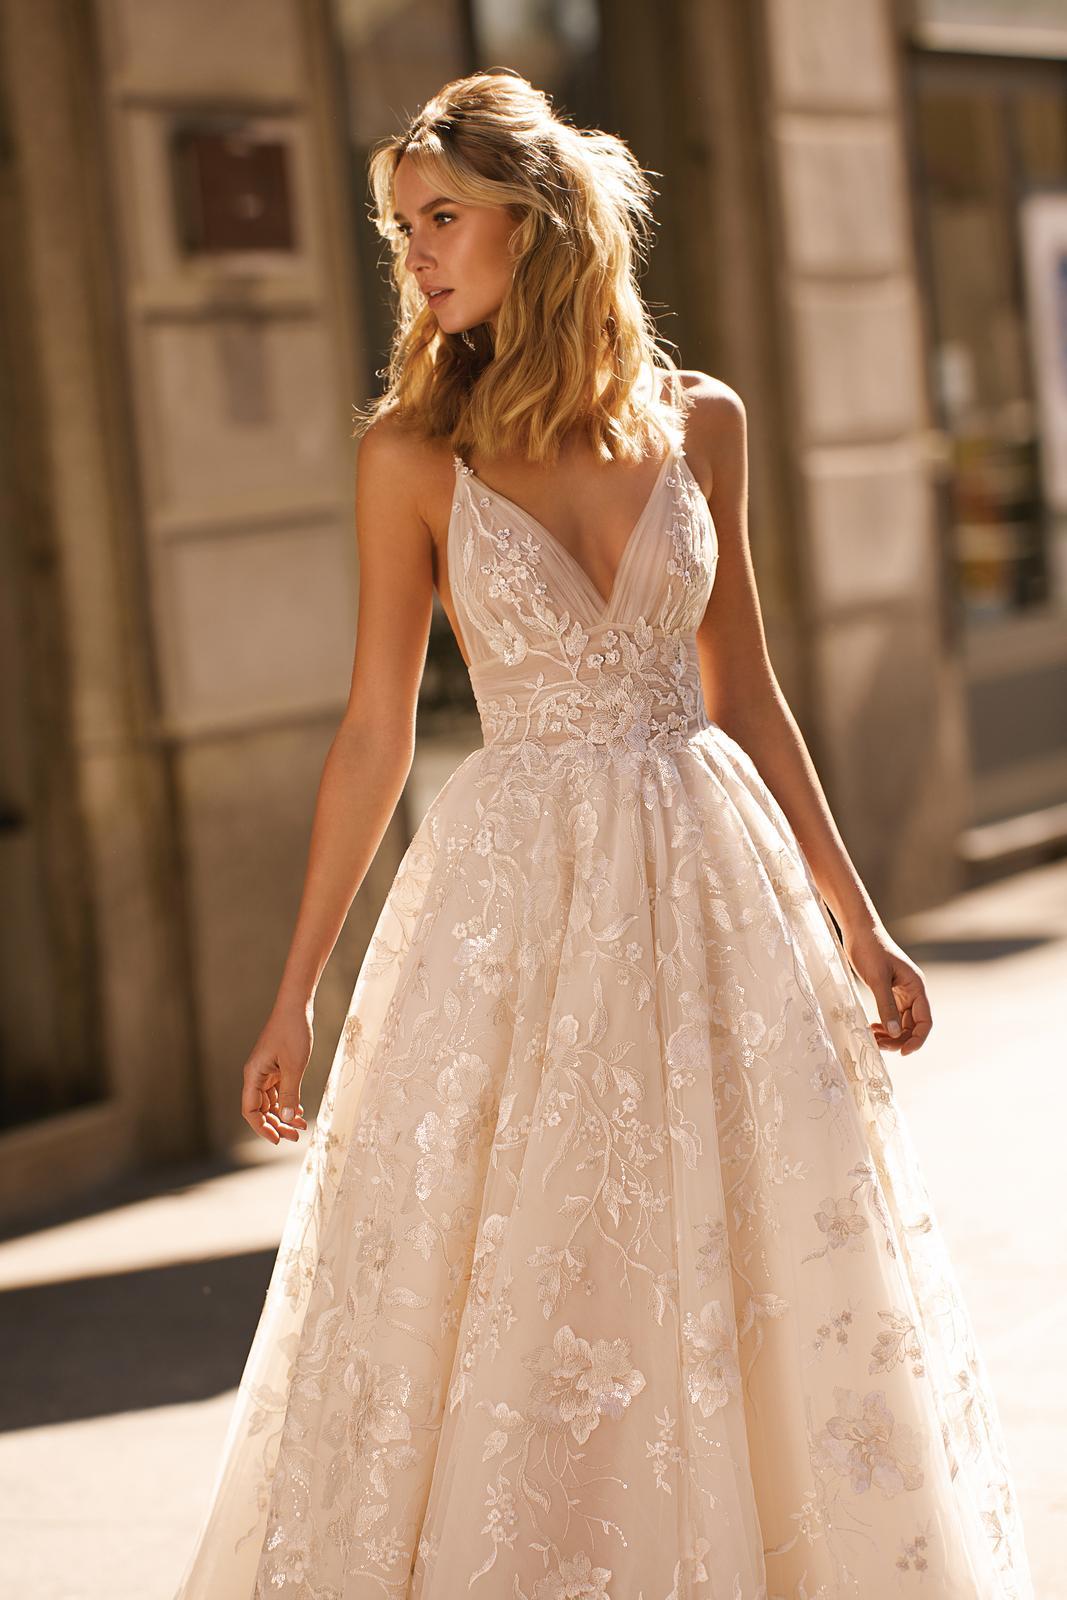 Svadobné šaty jar/leto 2020 BERTA Miláno - Obrázok č. 1